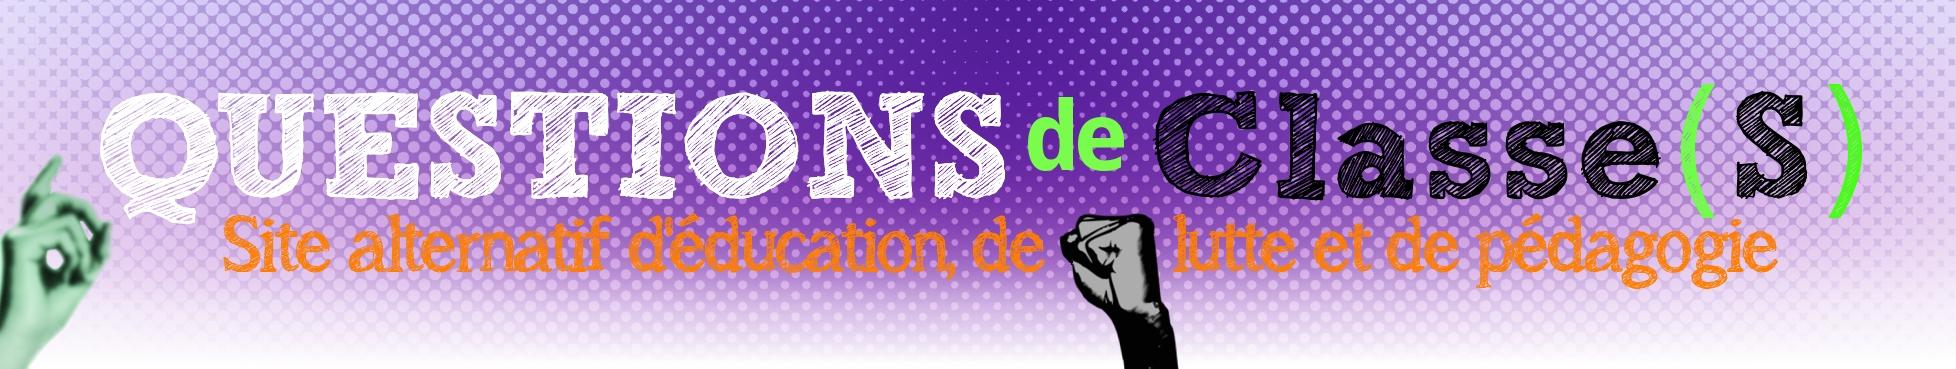 http://juralib.noblogs.org/files/2014/04/01.jpg